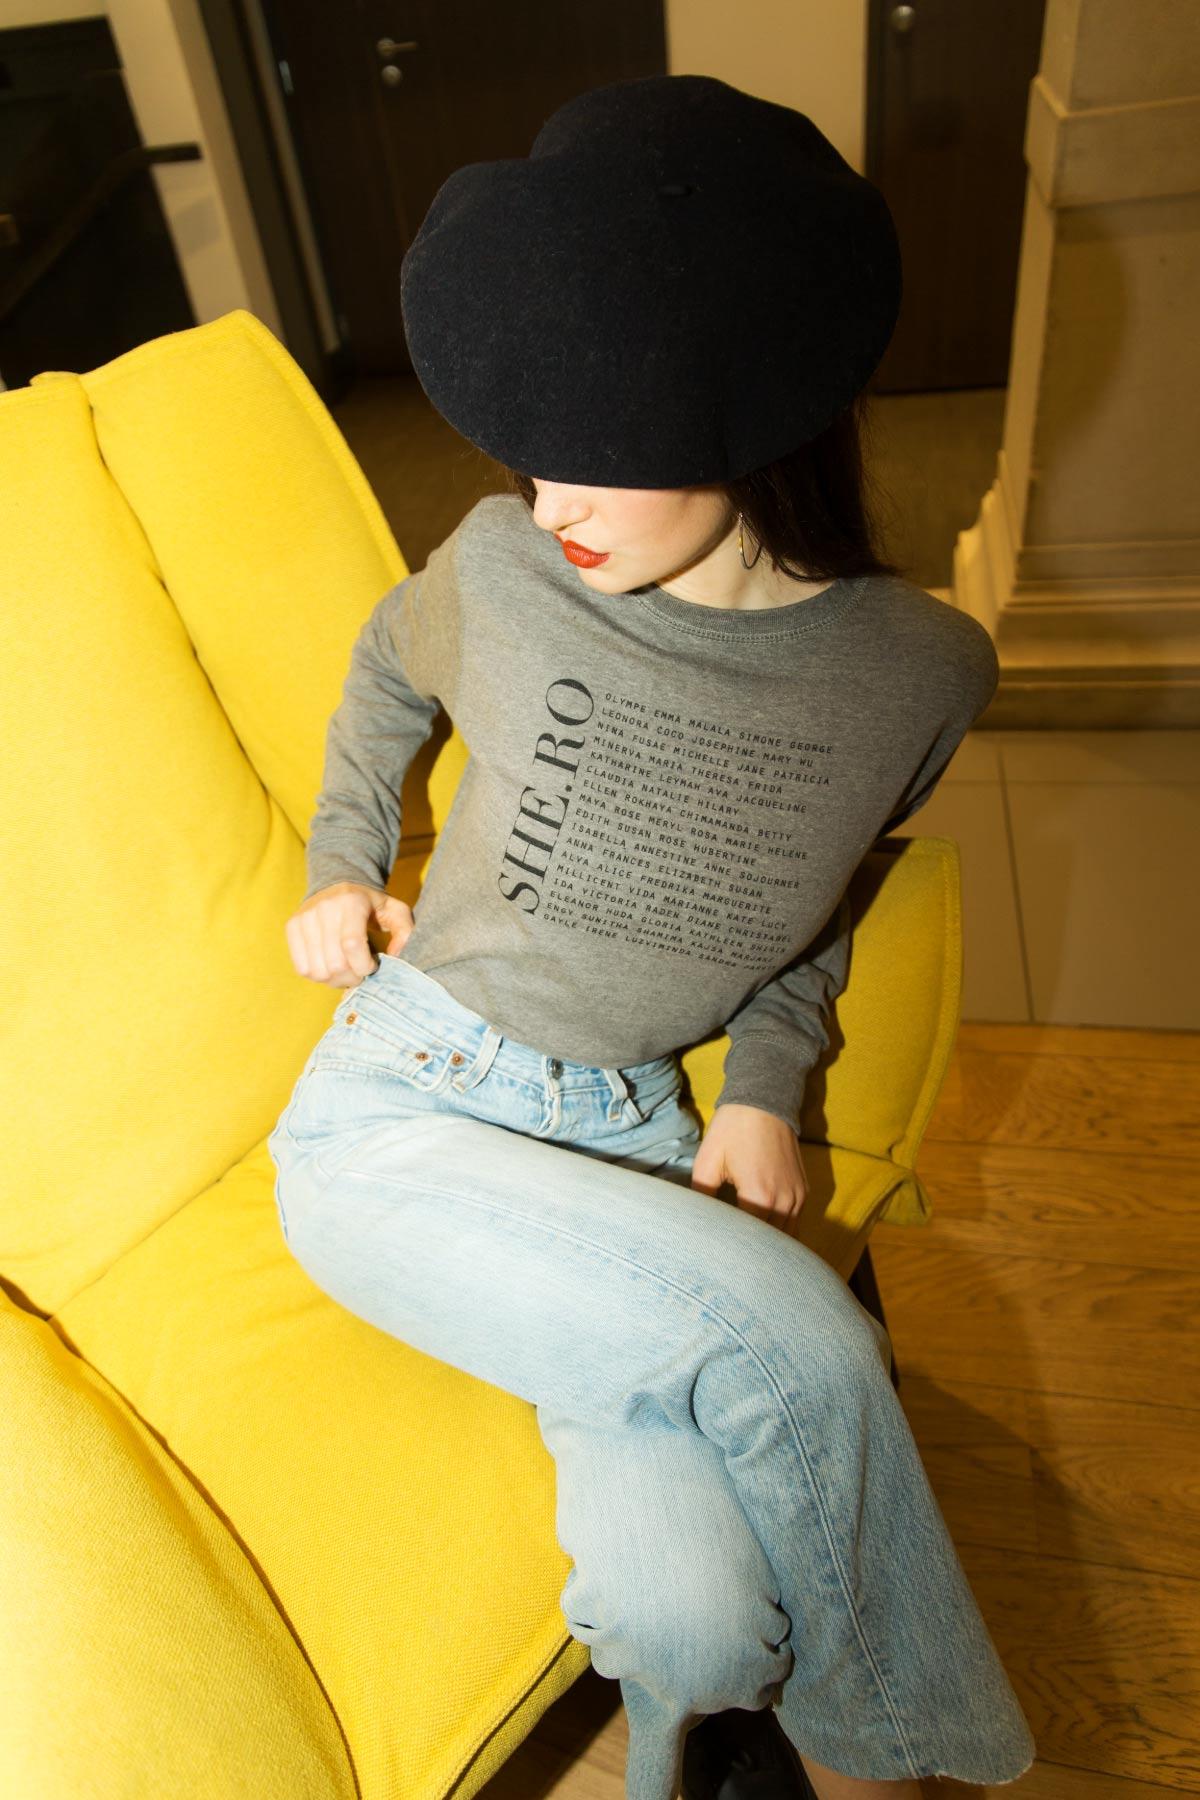 Photo femme, porte un sweatshirt gris heroines